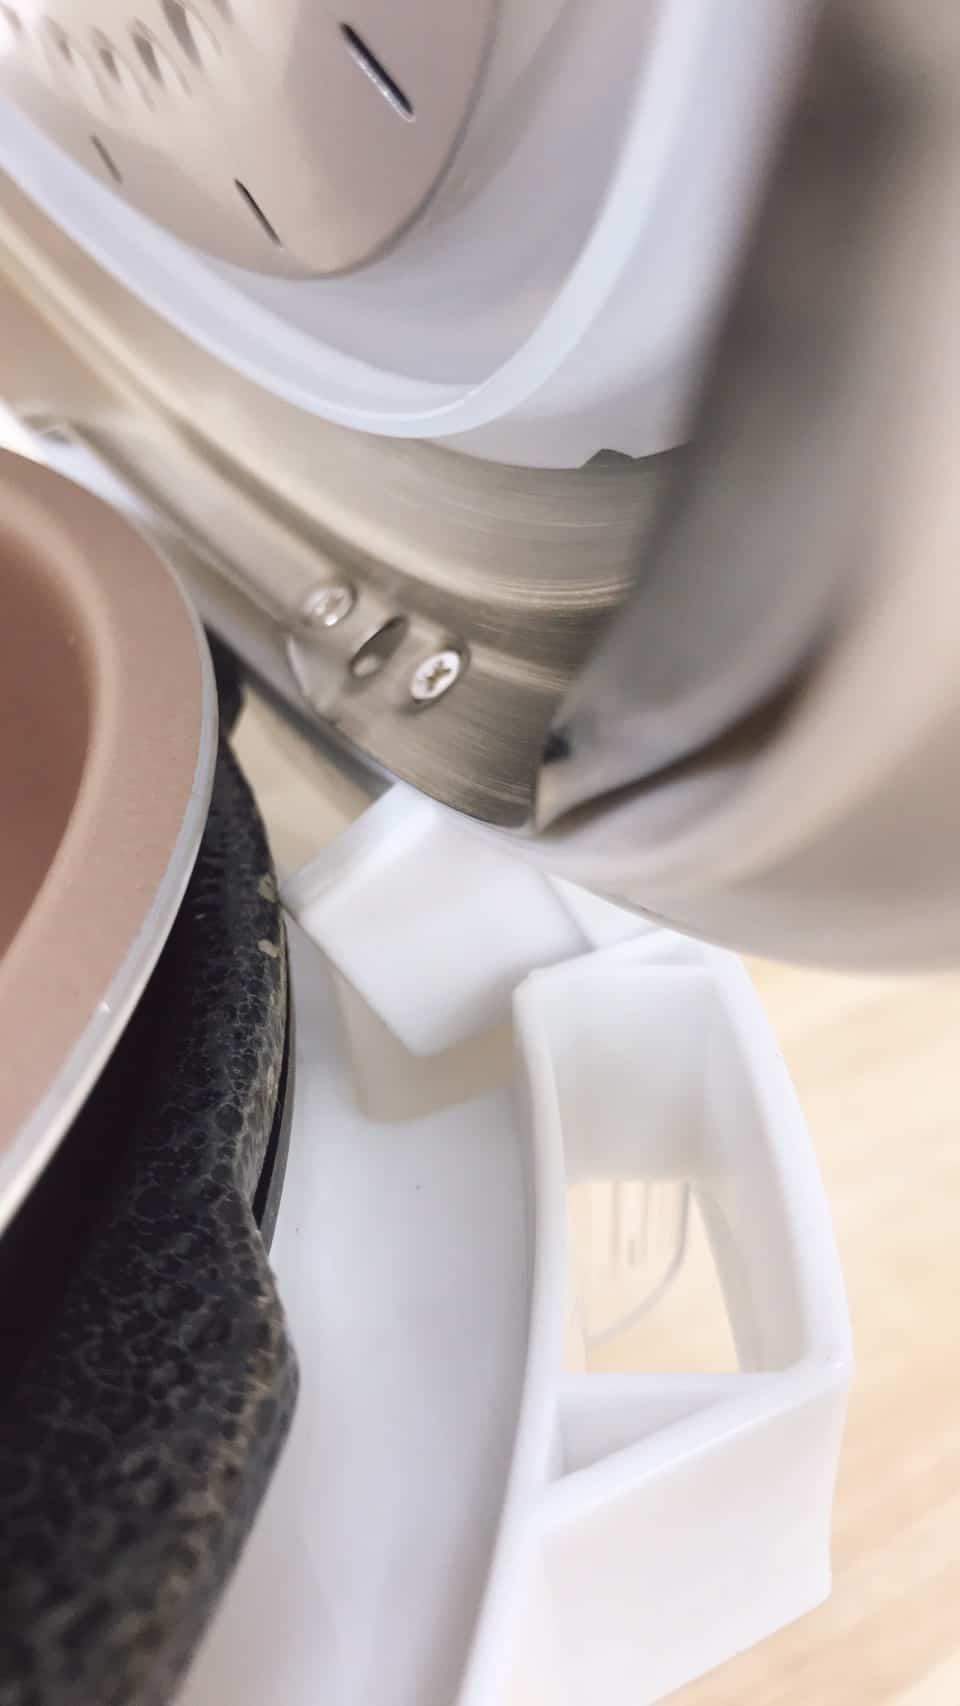 鍋寶萬用壓力鍋上蓋